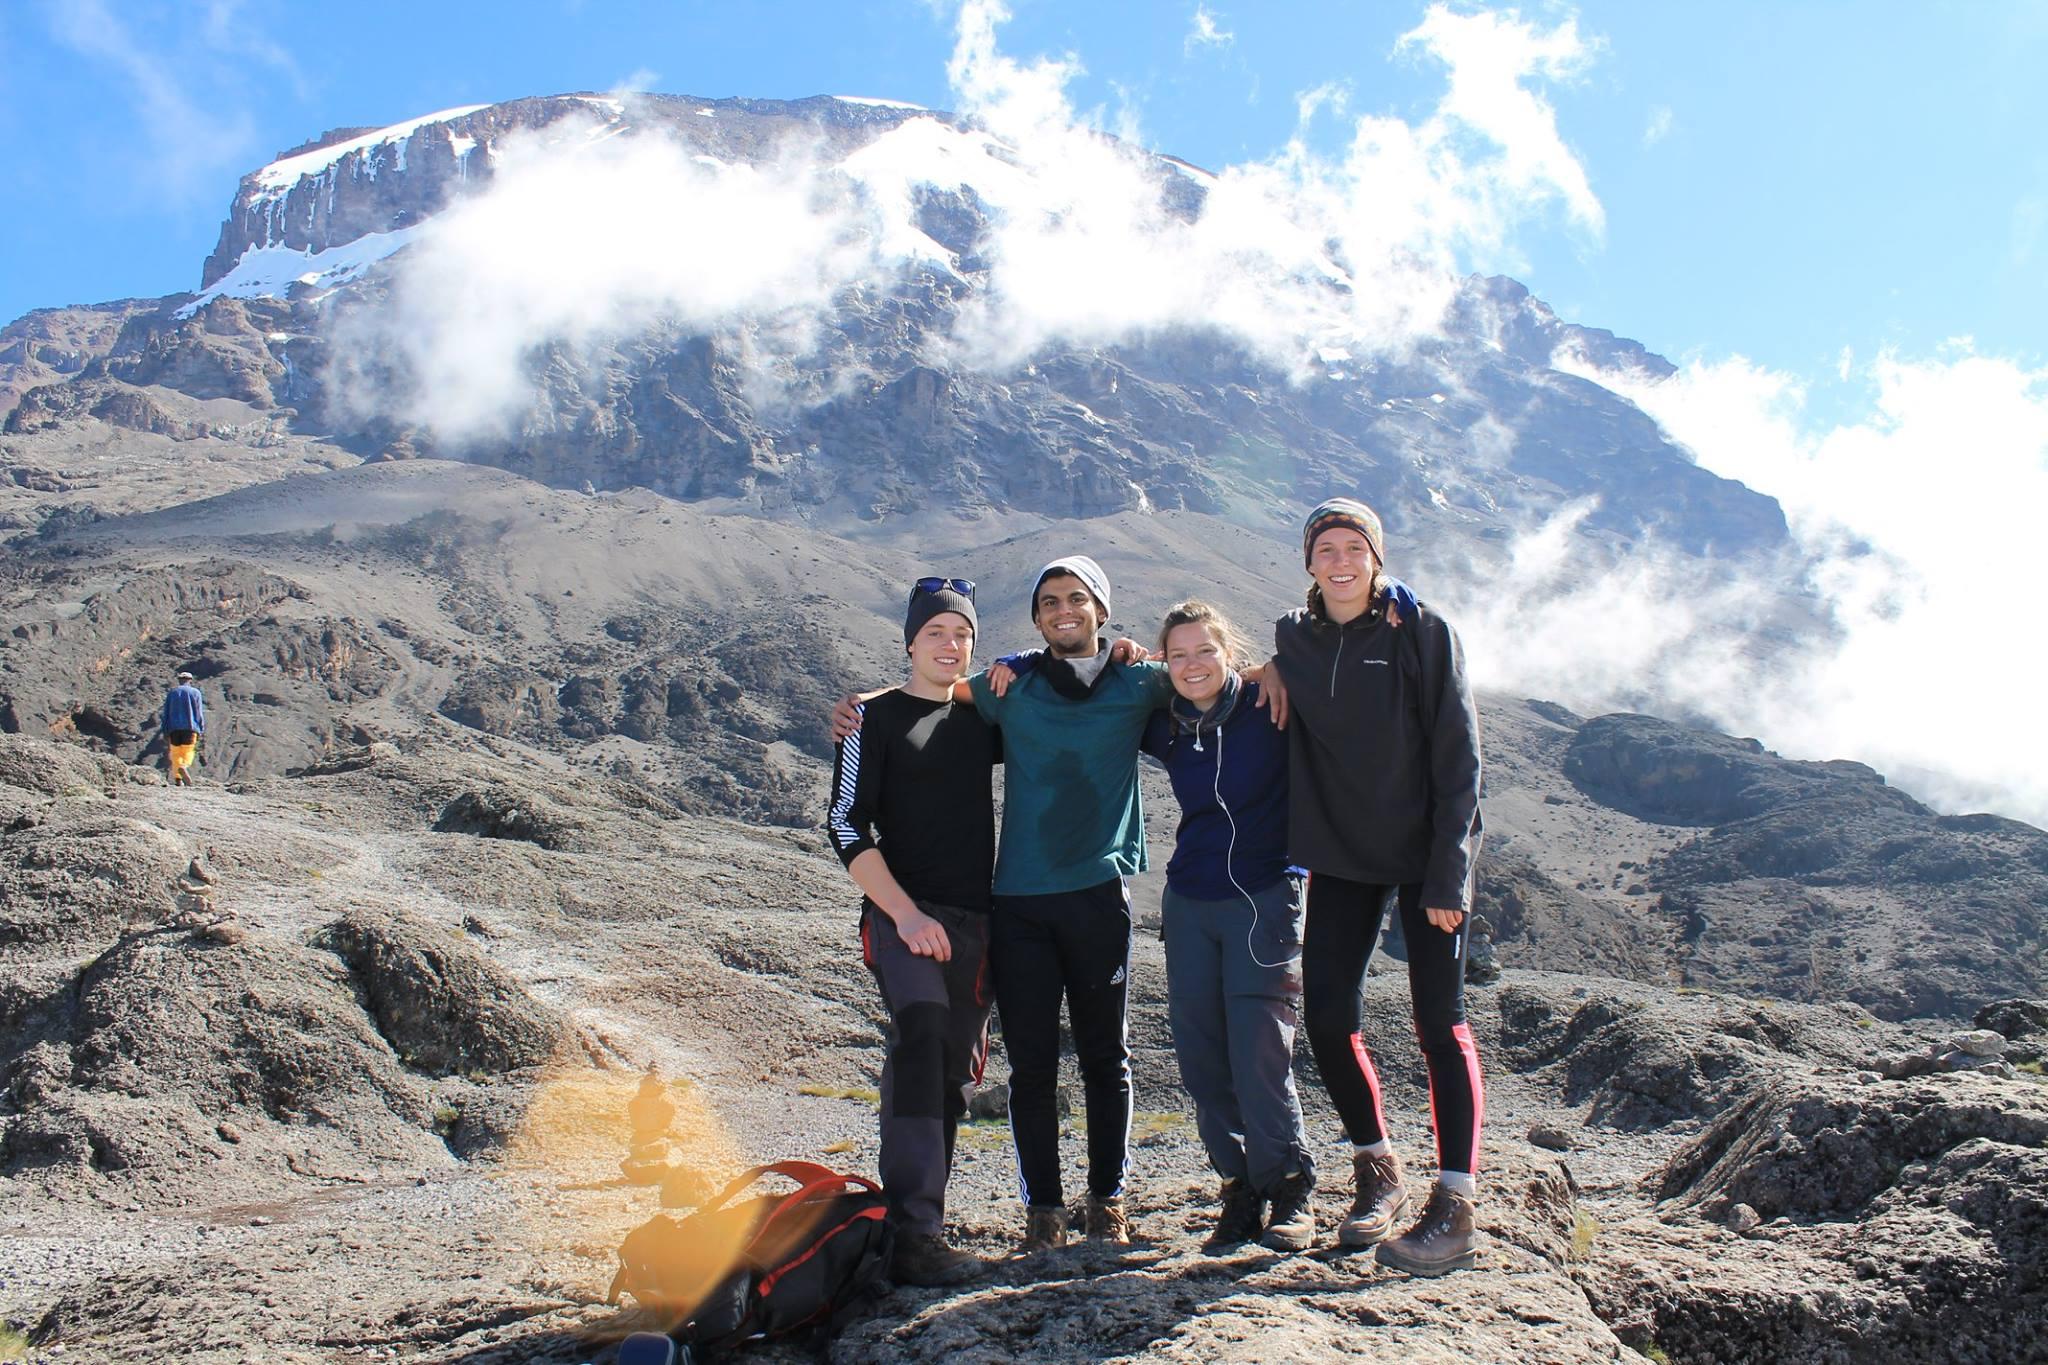 Freddie_Neal_Kilimanjaro_trek